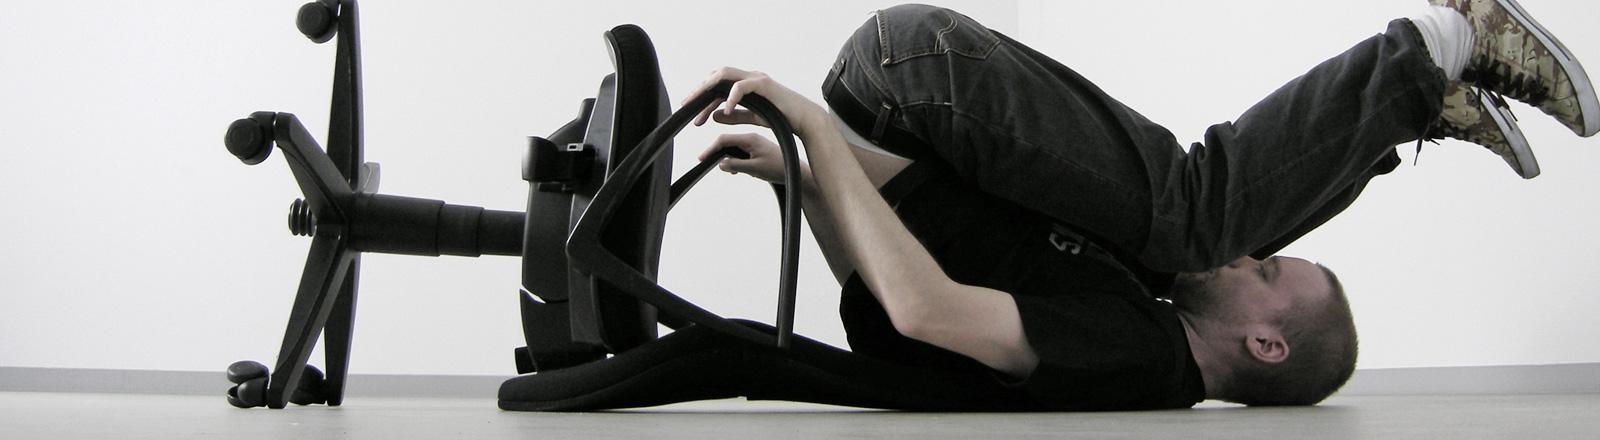 Auf dem Fußboden liegt ein Bürostuhl mit Rollen und ein Mann auf dem Rücken. Er scheint vom Stuhl gerutscht zu sein und hält sich an den Lehnen fest.